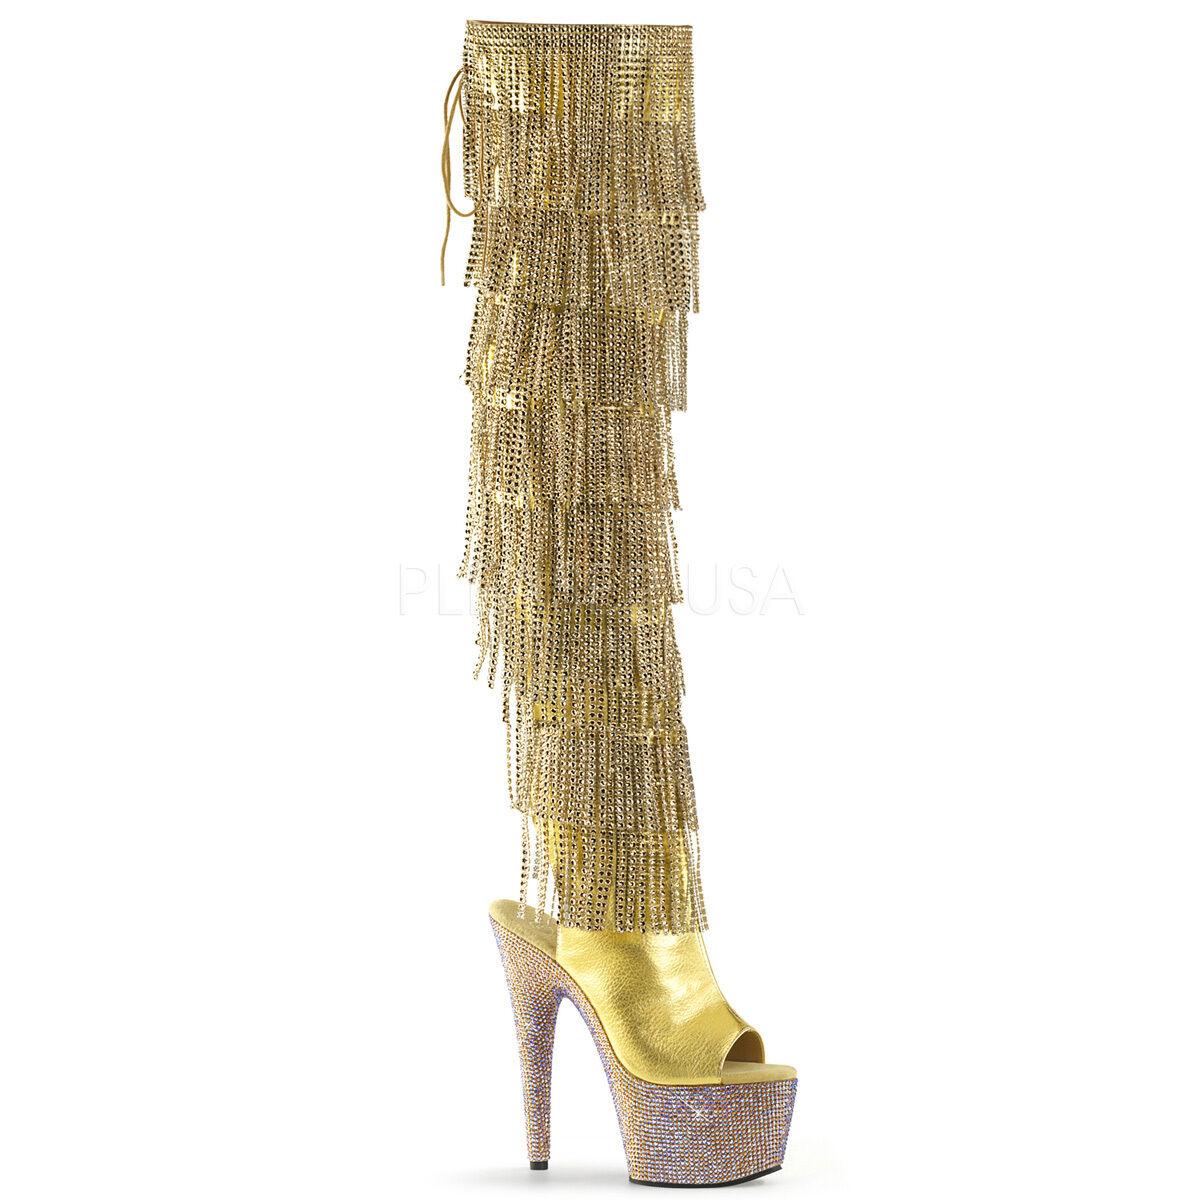 Oro muslo 7 alto del muslo Oro Tacón Botas De Bailarina De Caño Borlas Stripper Bejeweled - 3019RSF ca9afe